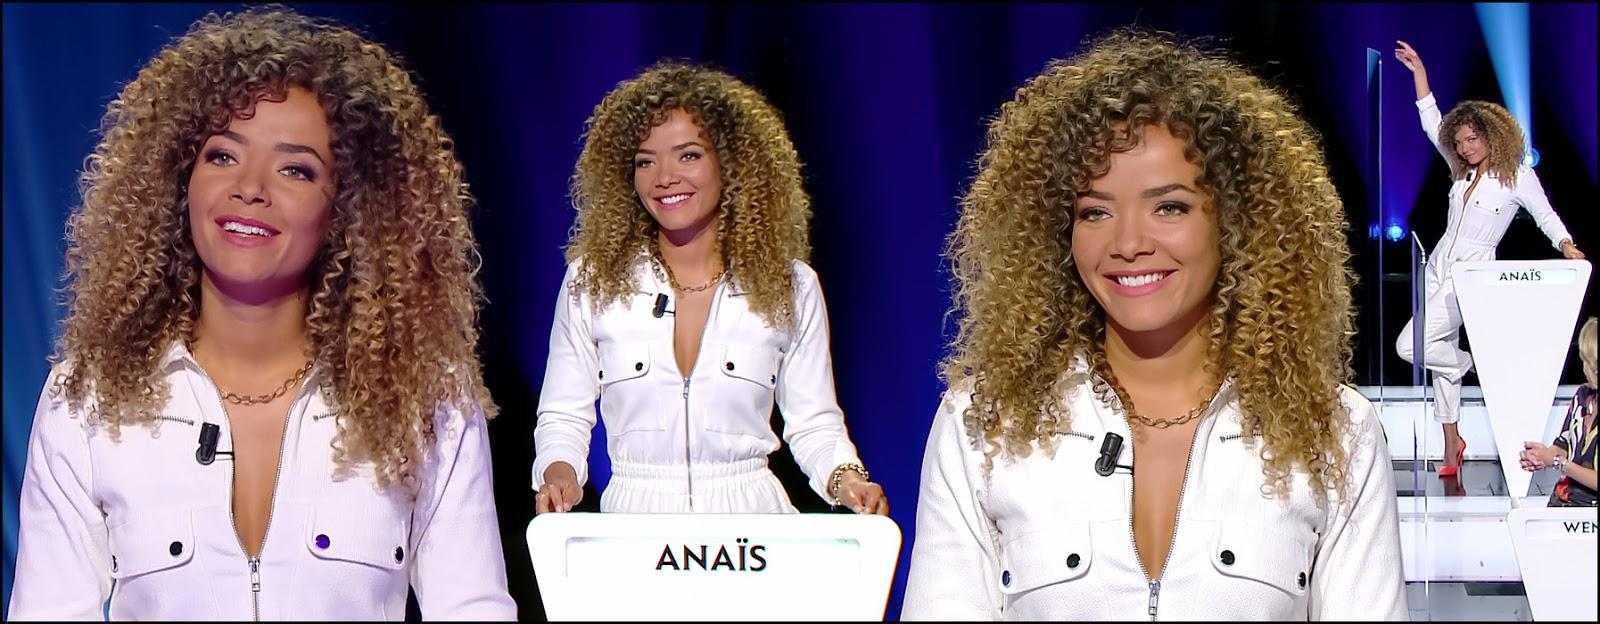 Anaïs Grangerac